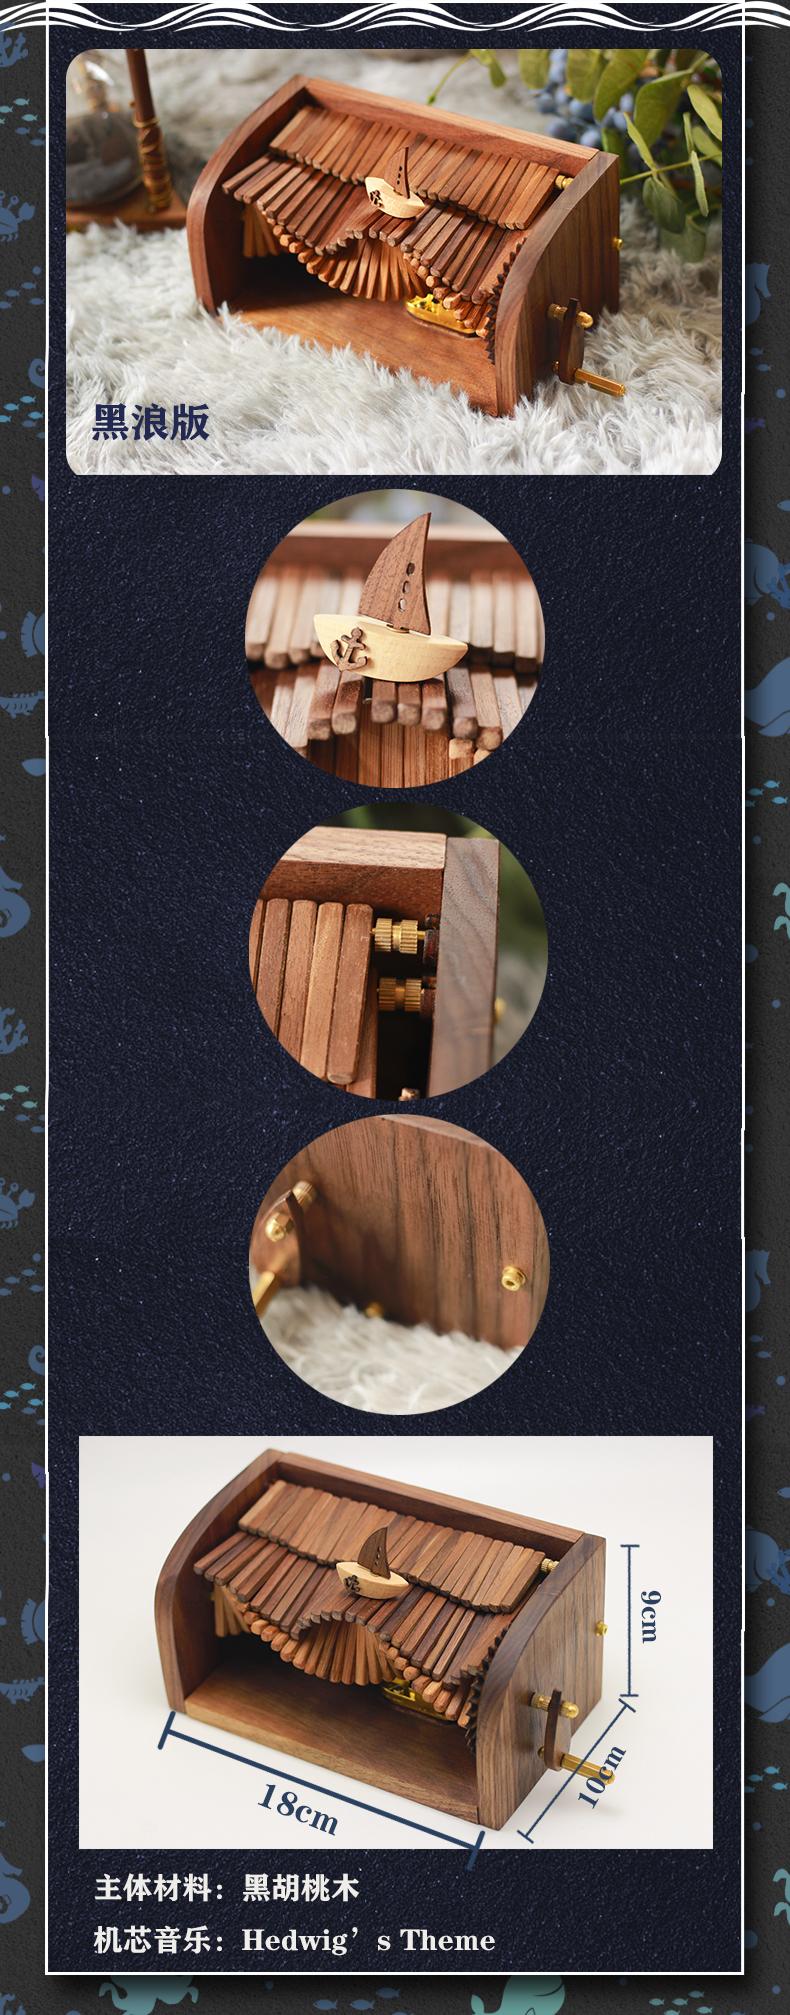 产品介绍页3.jpg